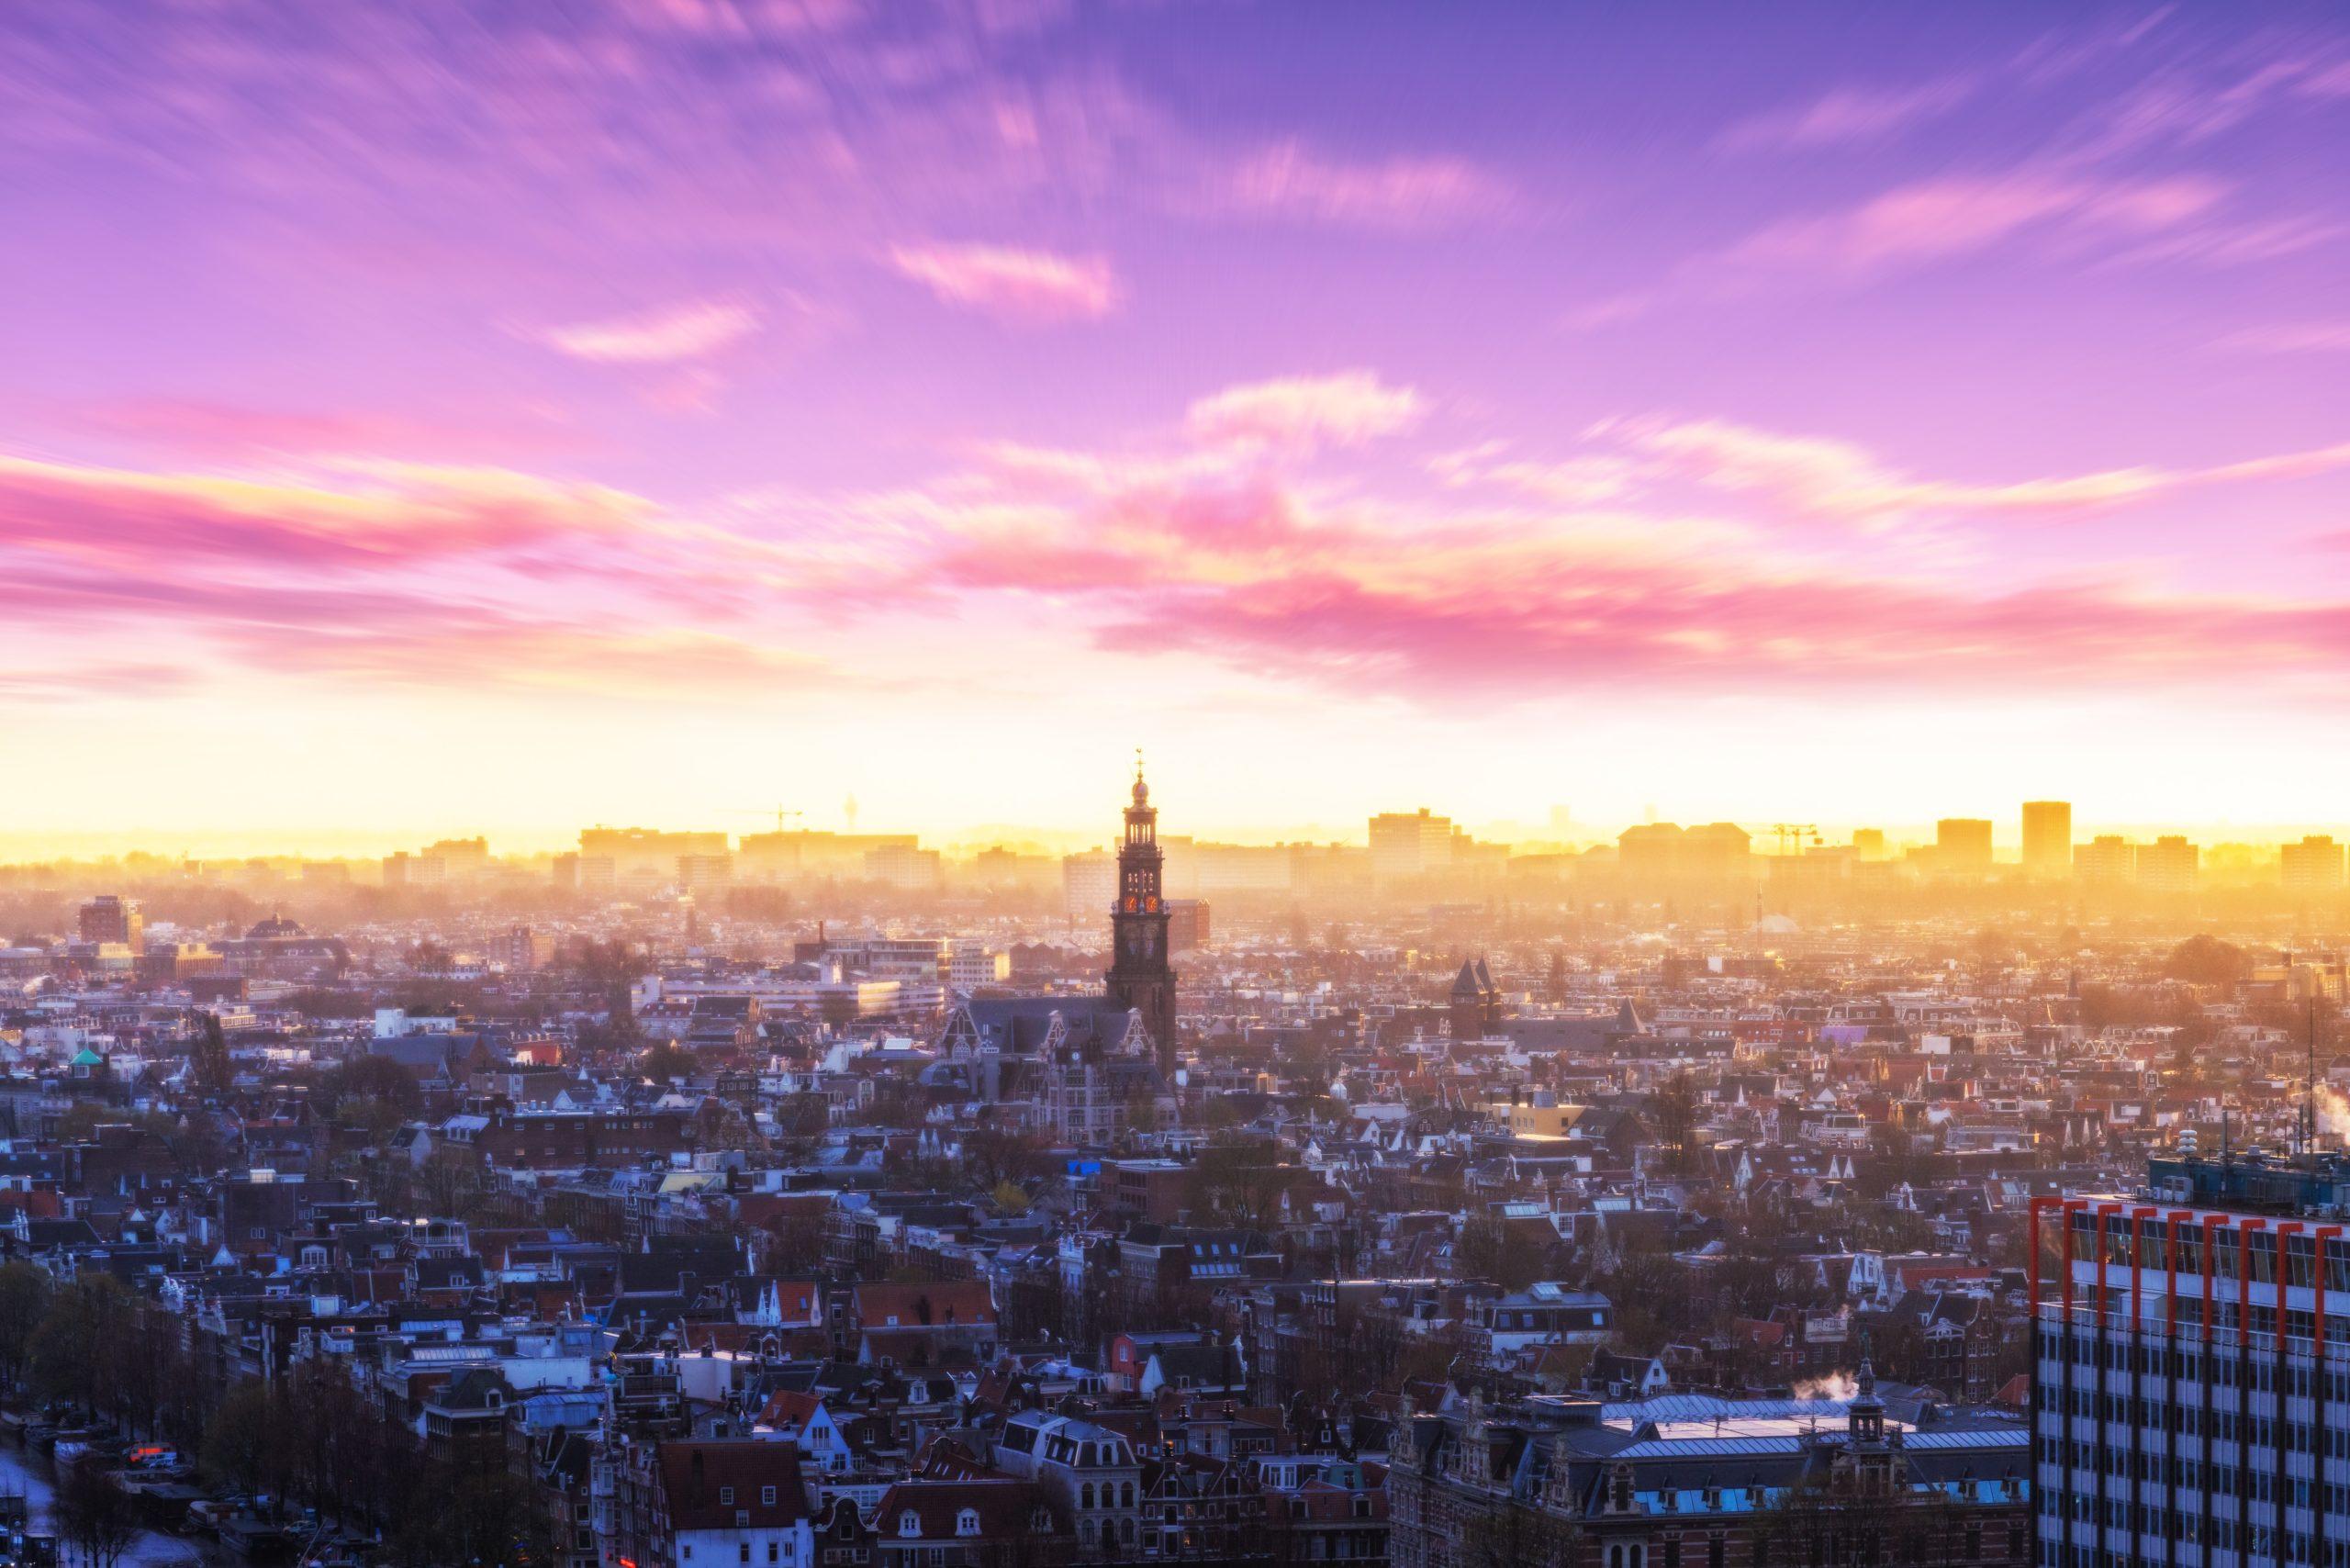 zon en horizon boven Amsterdam - foto door Bart Ros